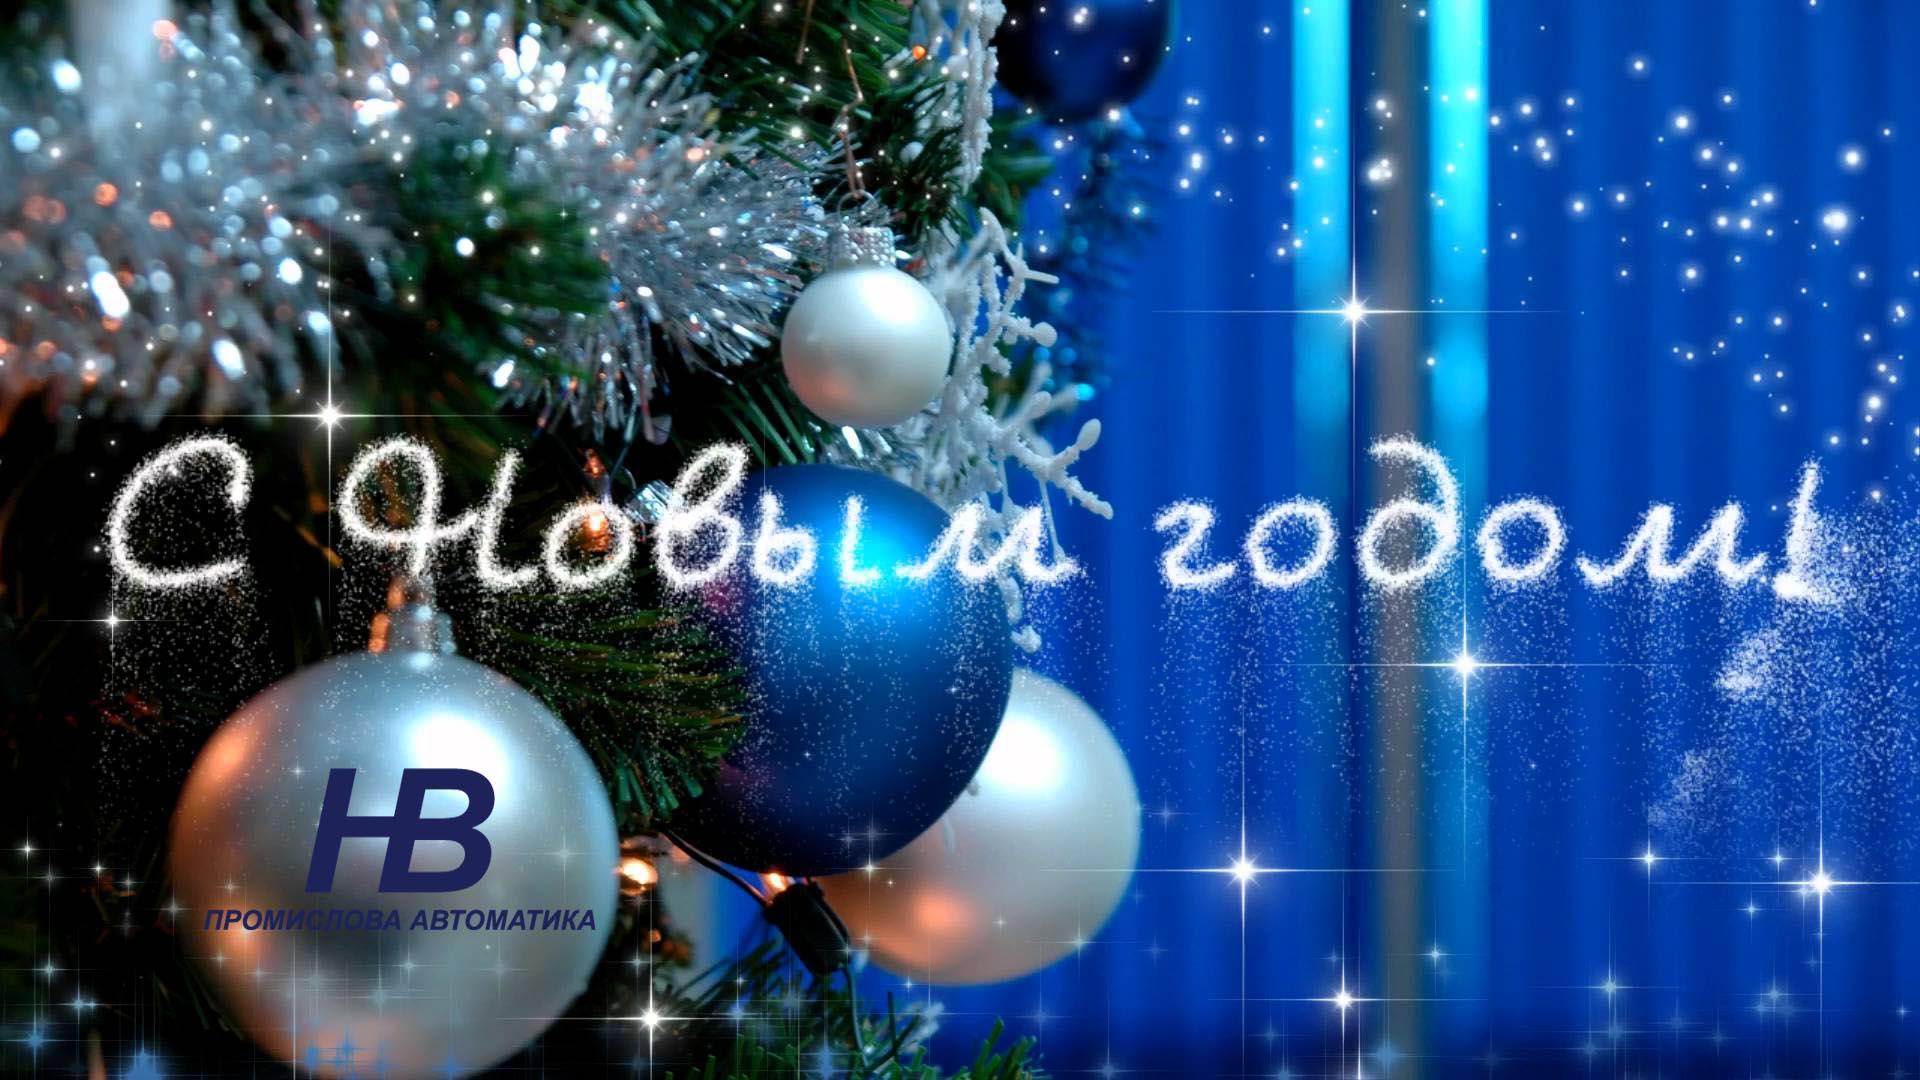 Дню, картинки на новый год с надписью